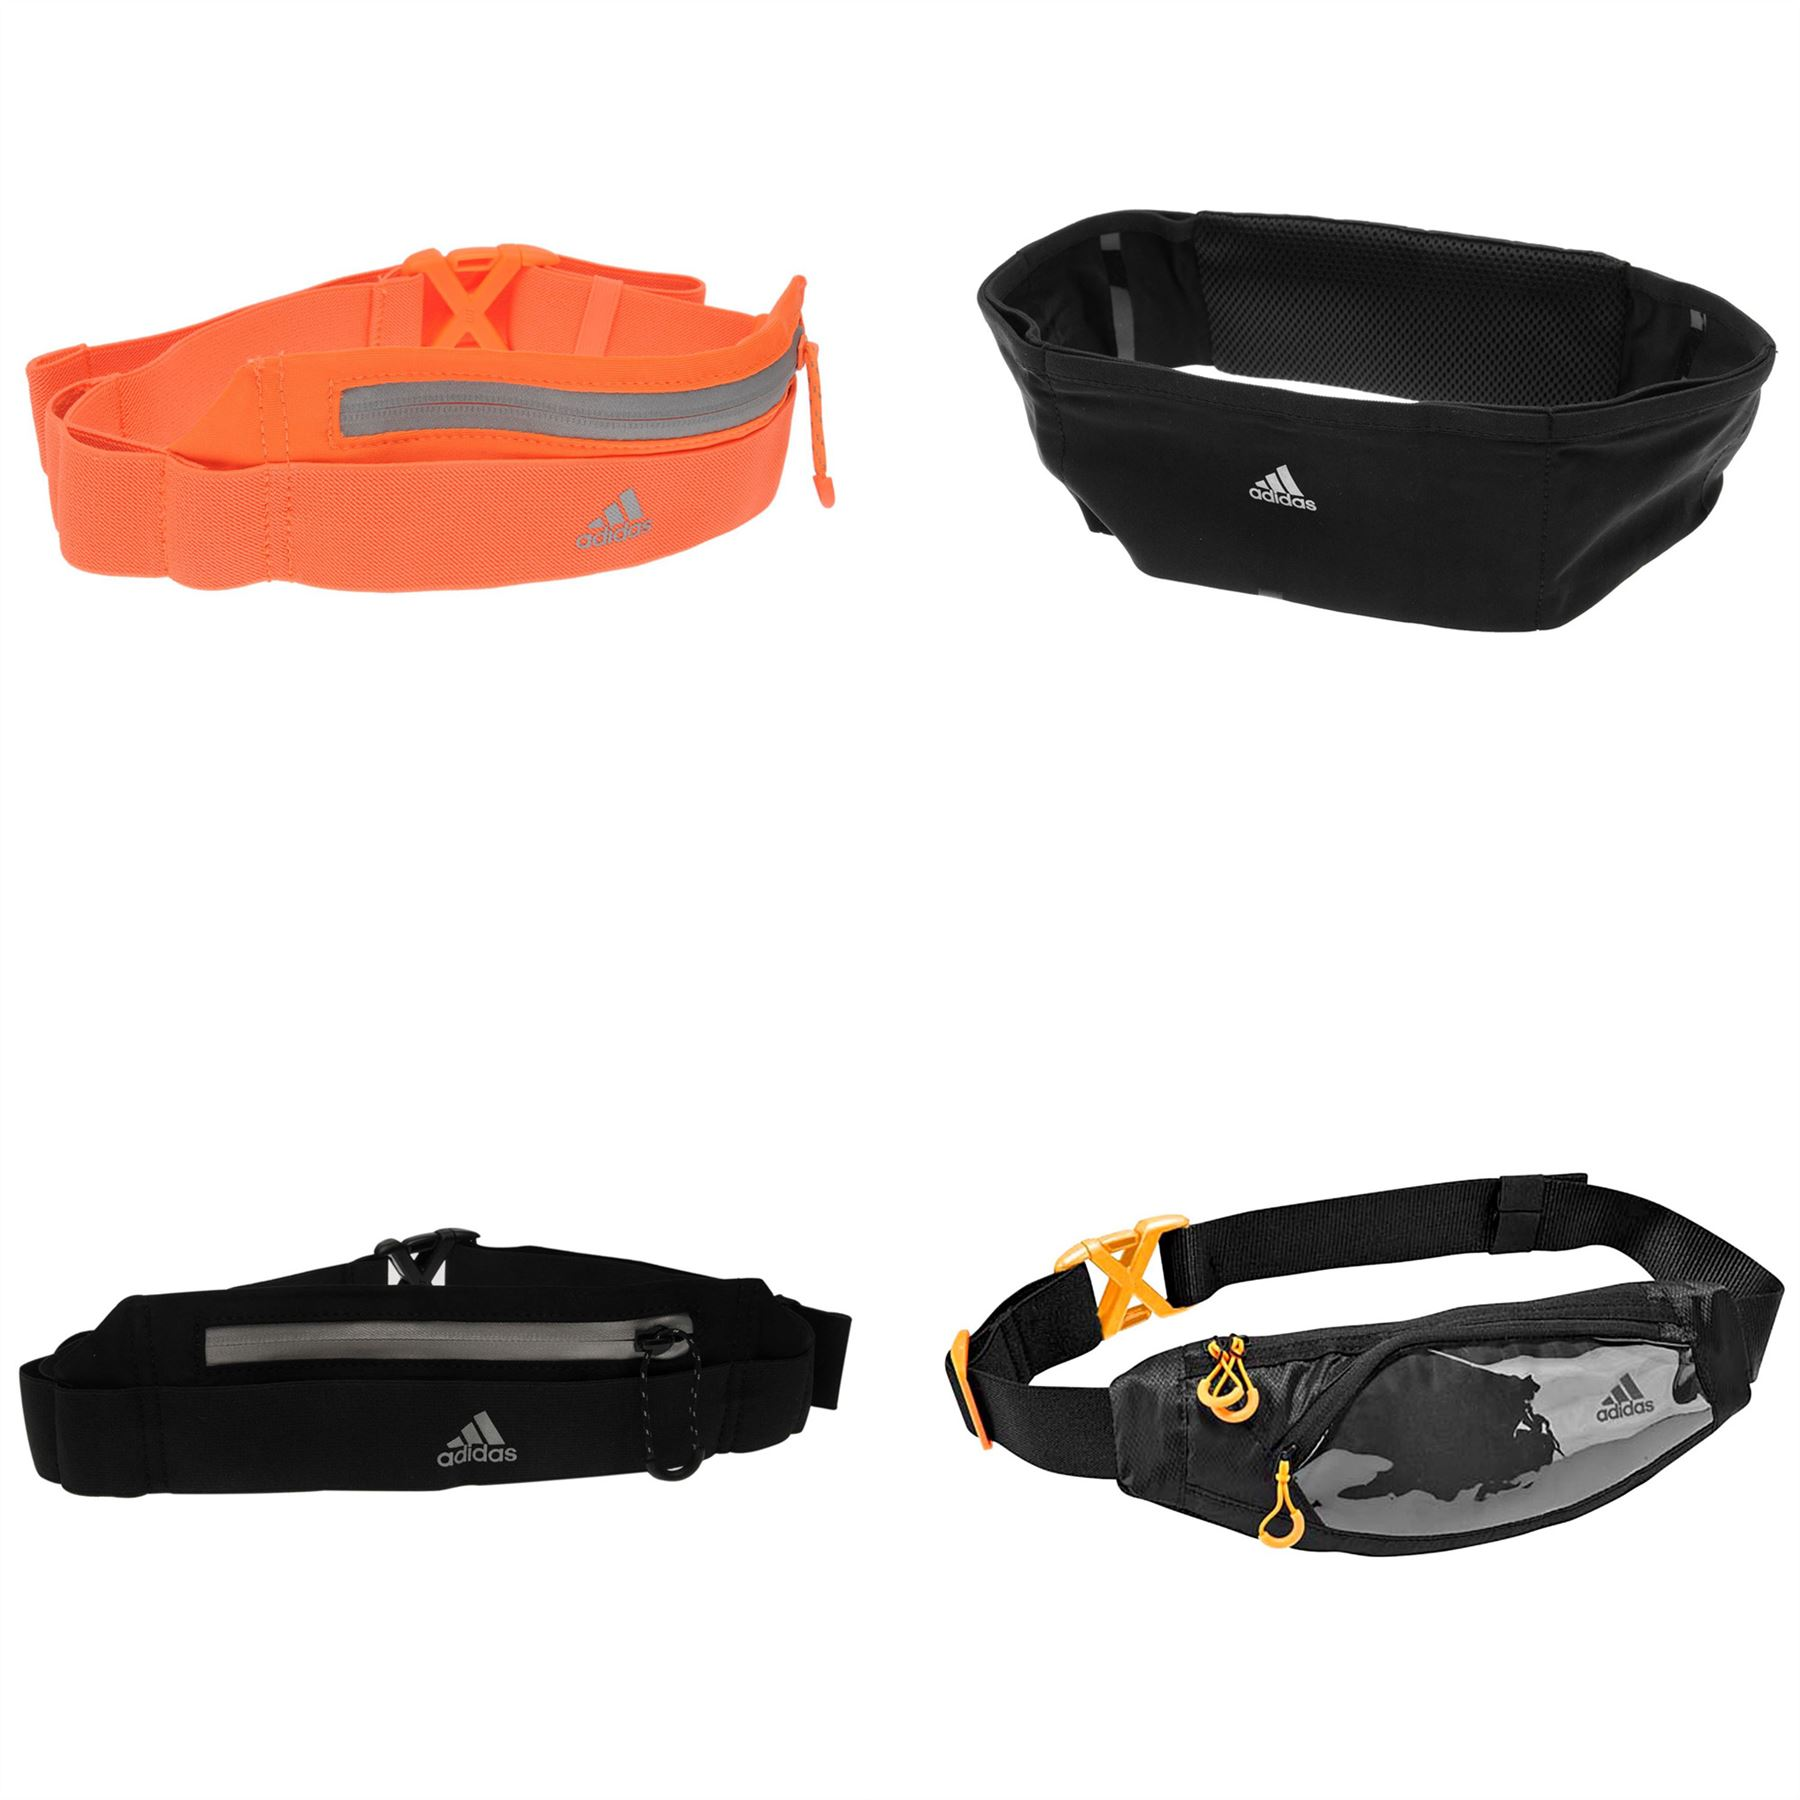 ... adidas Running Waist Pack Belts Run Jogging Fanny Pack Bumbag ... 322d401f629eb